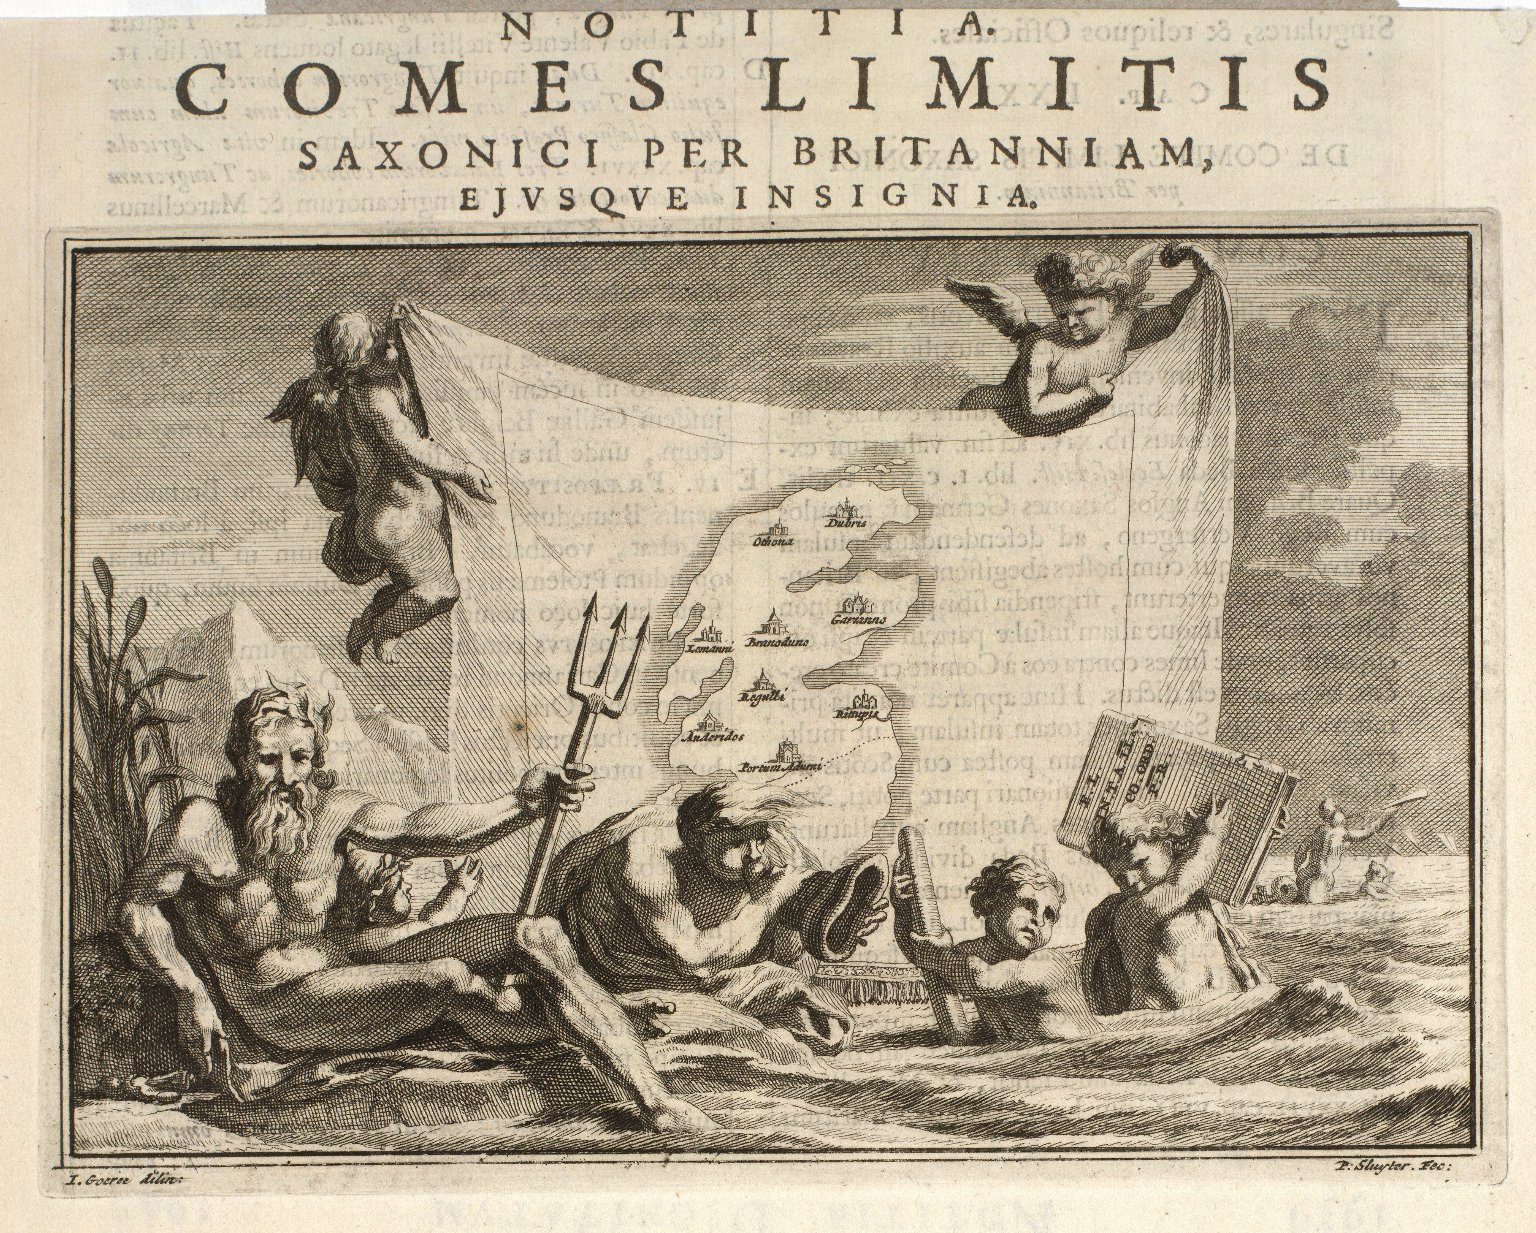 Comes limitis Saxonici per Britanniam ejusque insigniae [1 of 2]